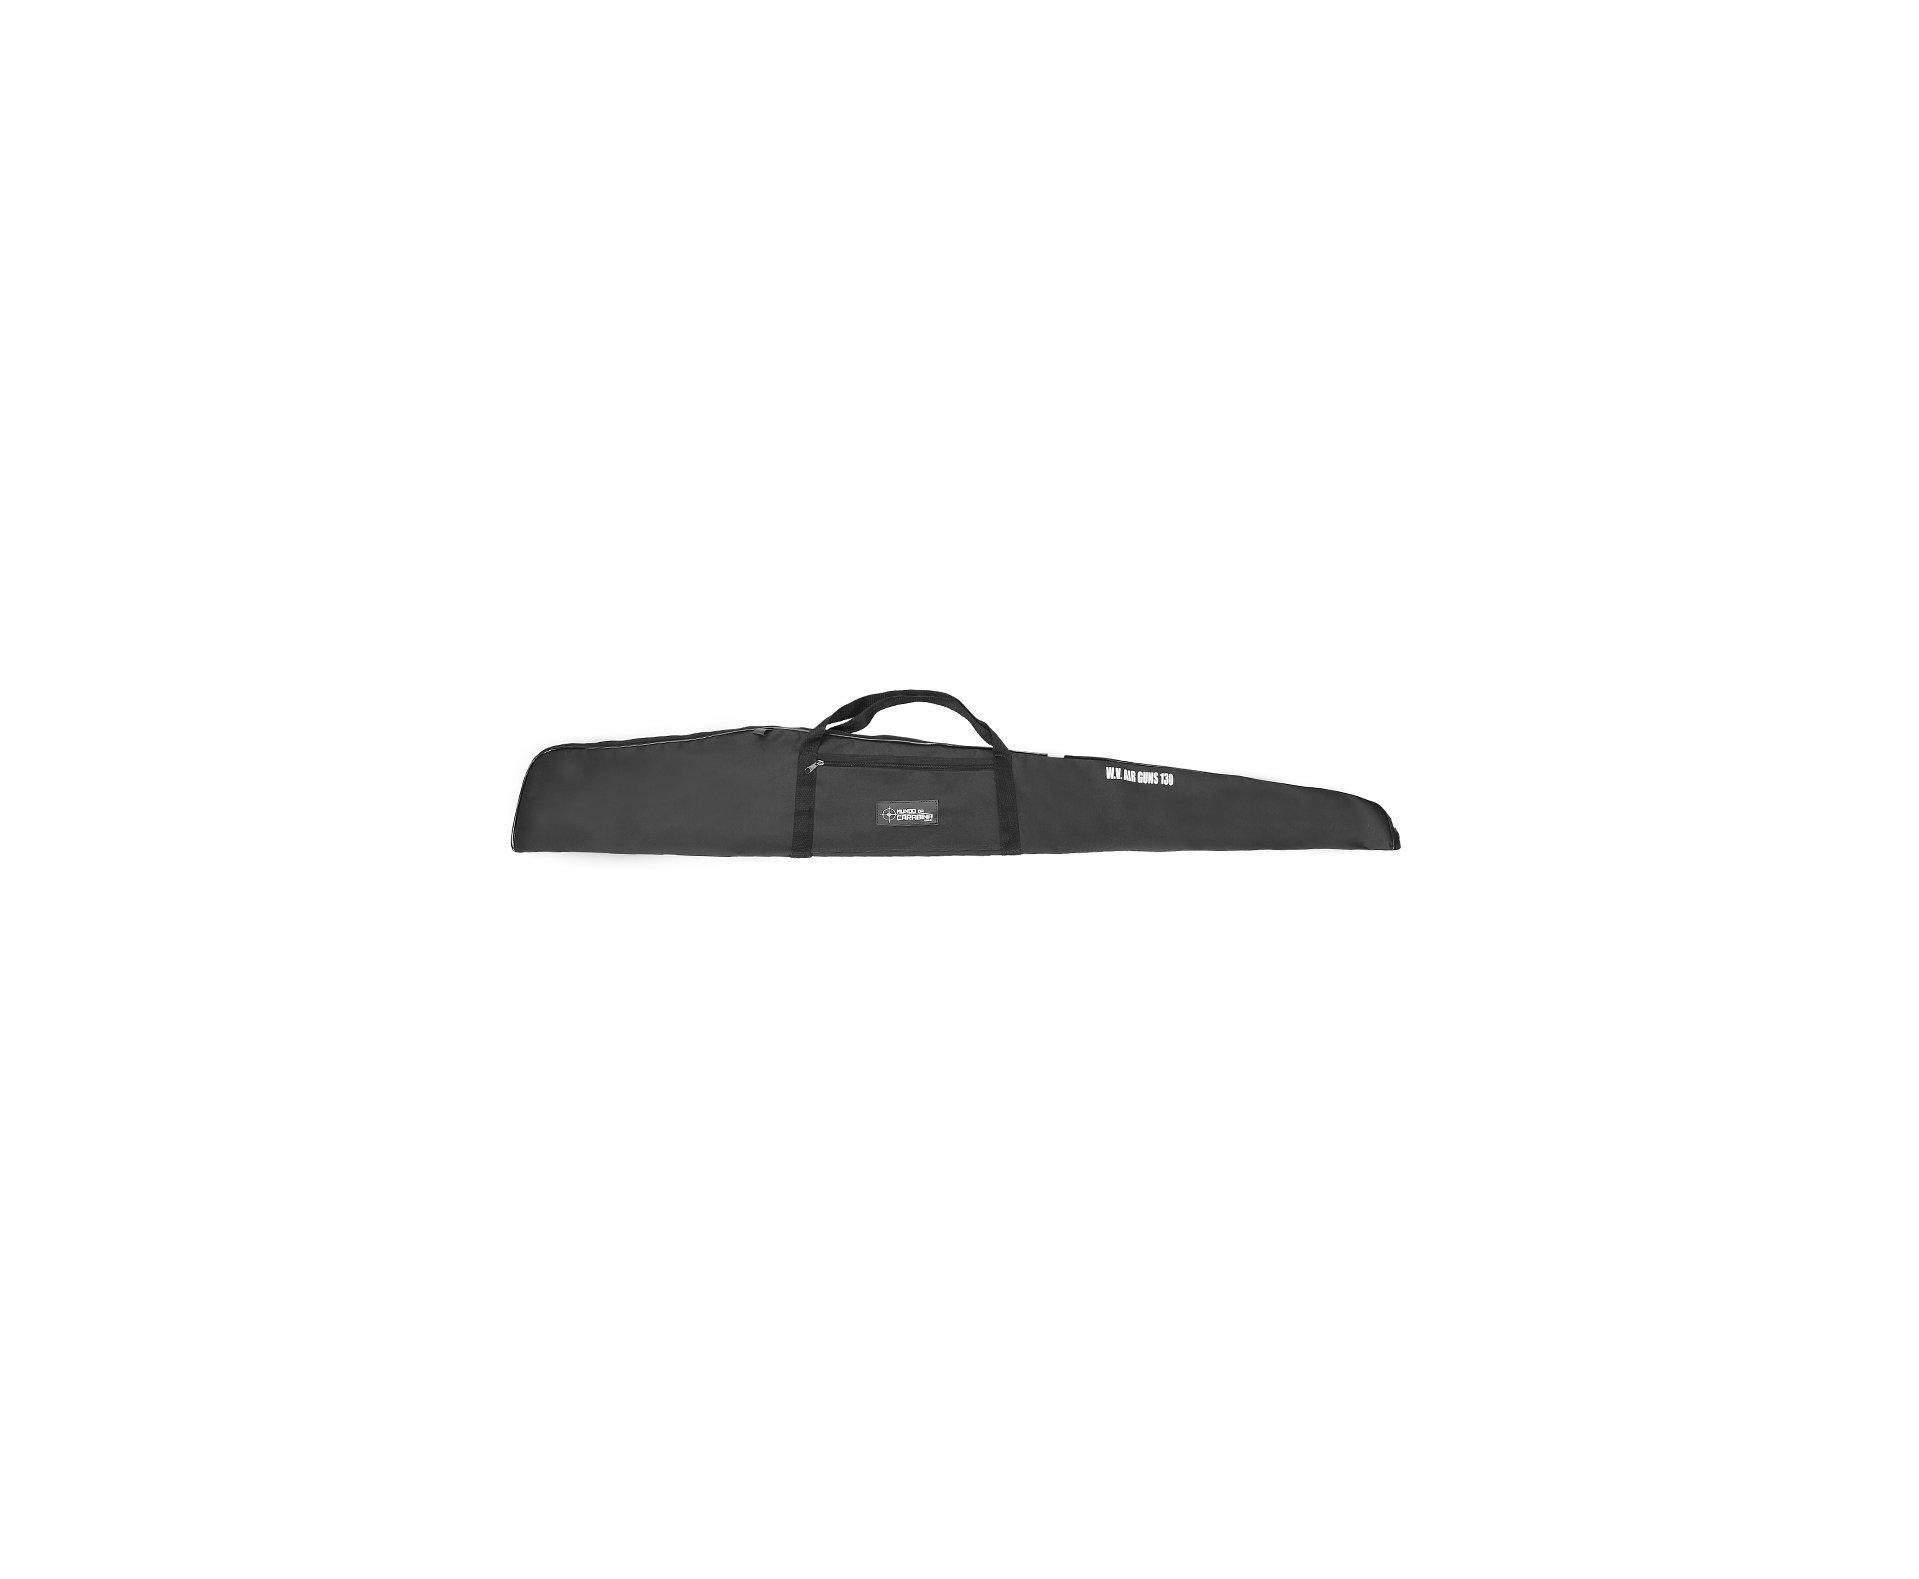 Carabina De Pressão Pcp M25 Thunder Black 5.5mm Artemis Fxr + Bomba + Capa